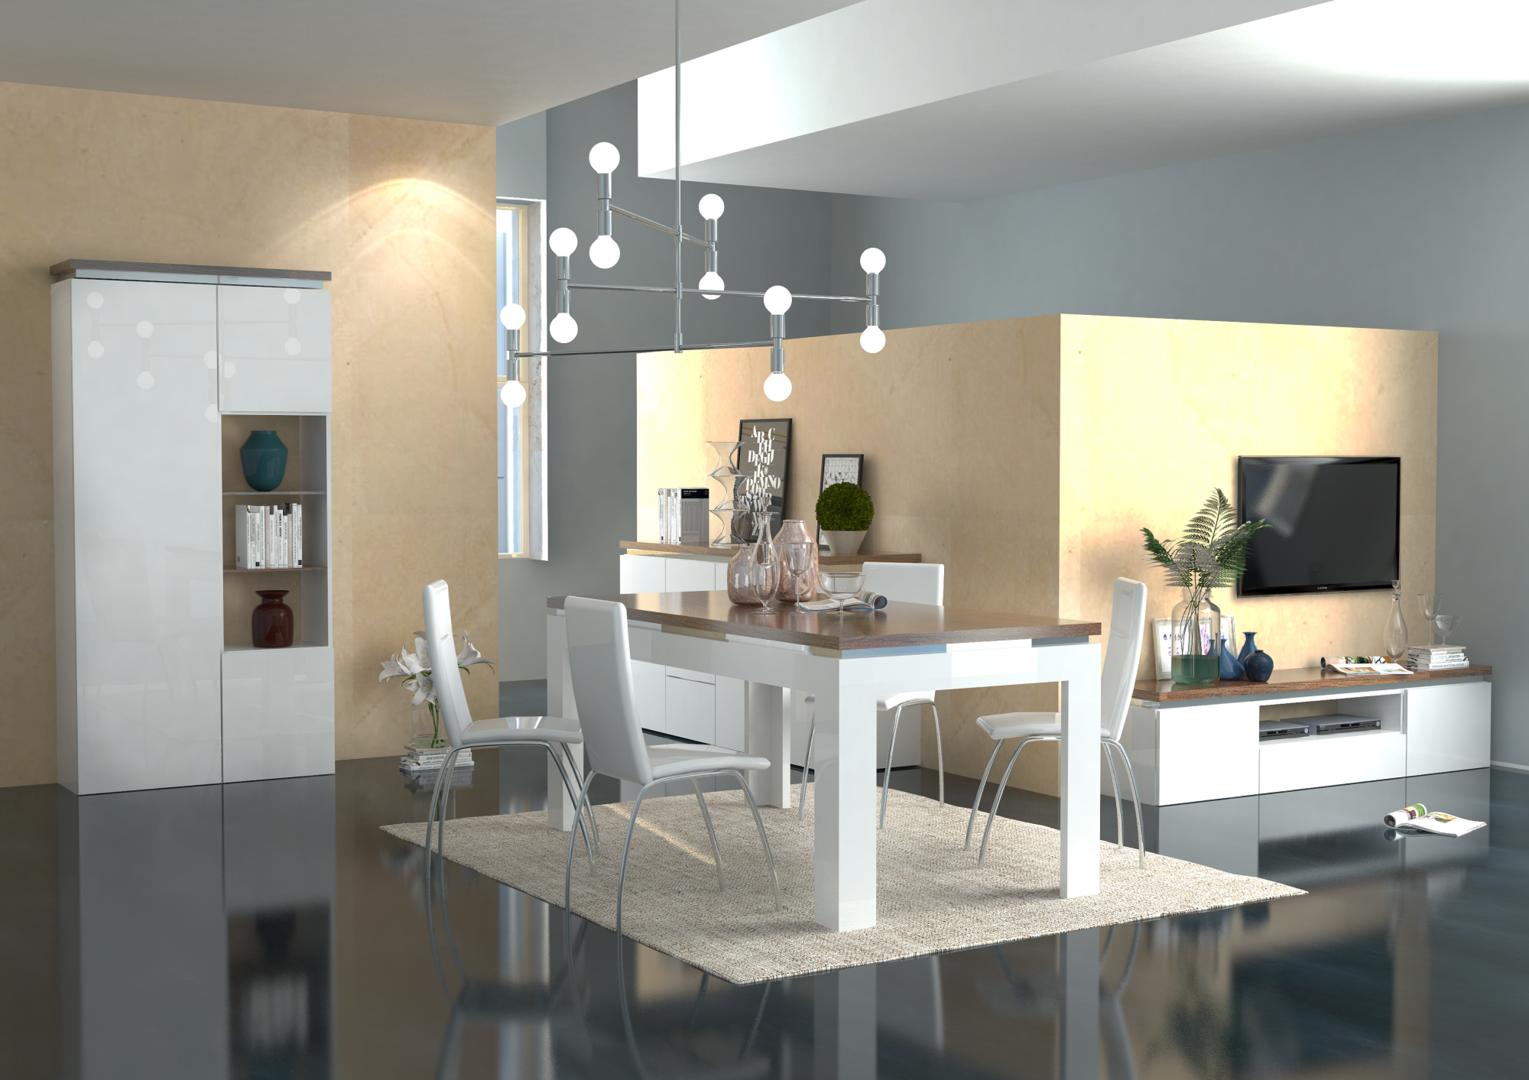 Tavolo moderno bianco messico mobile per sala da pranzo for Tavoli e sedie soggiorno moderno